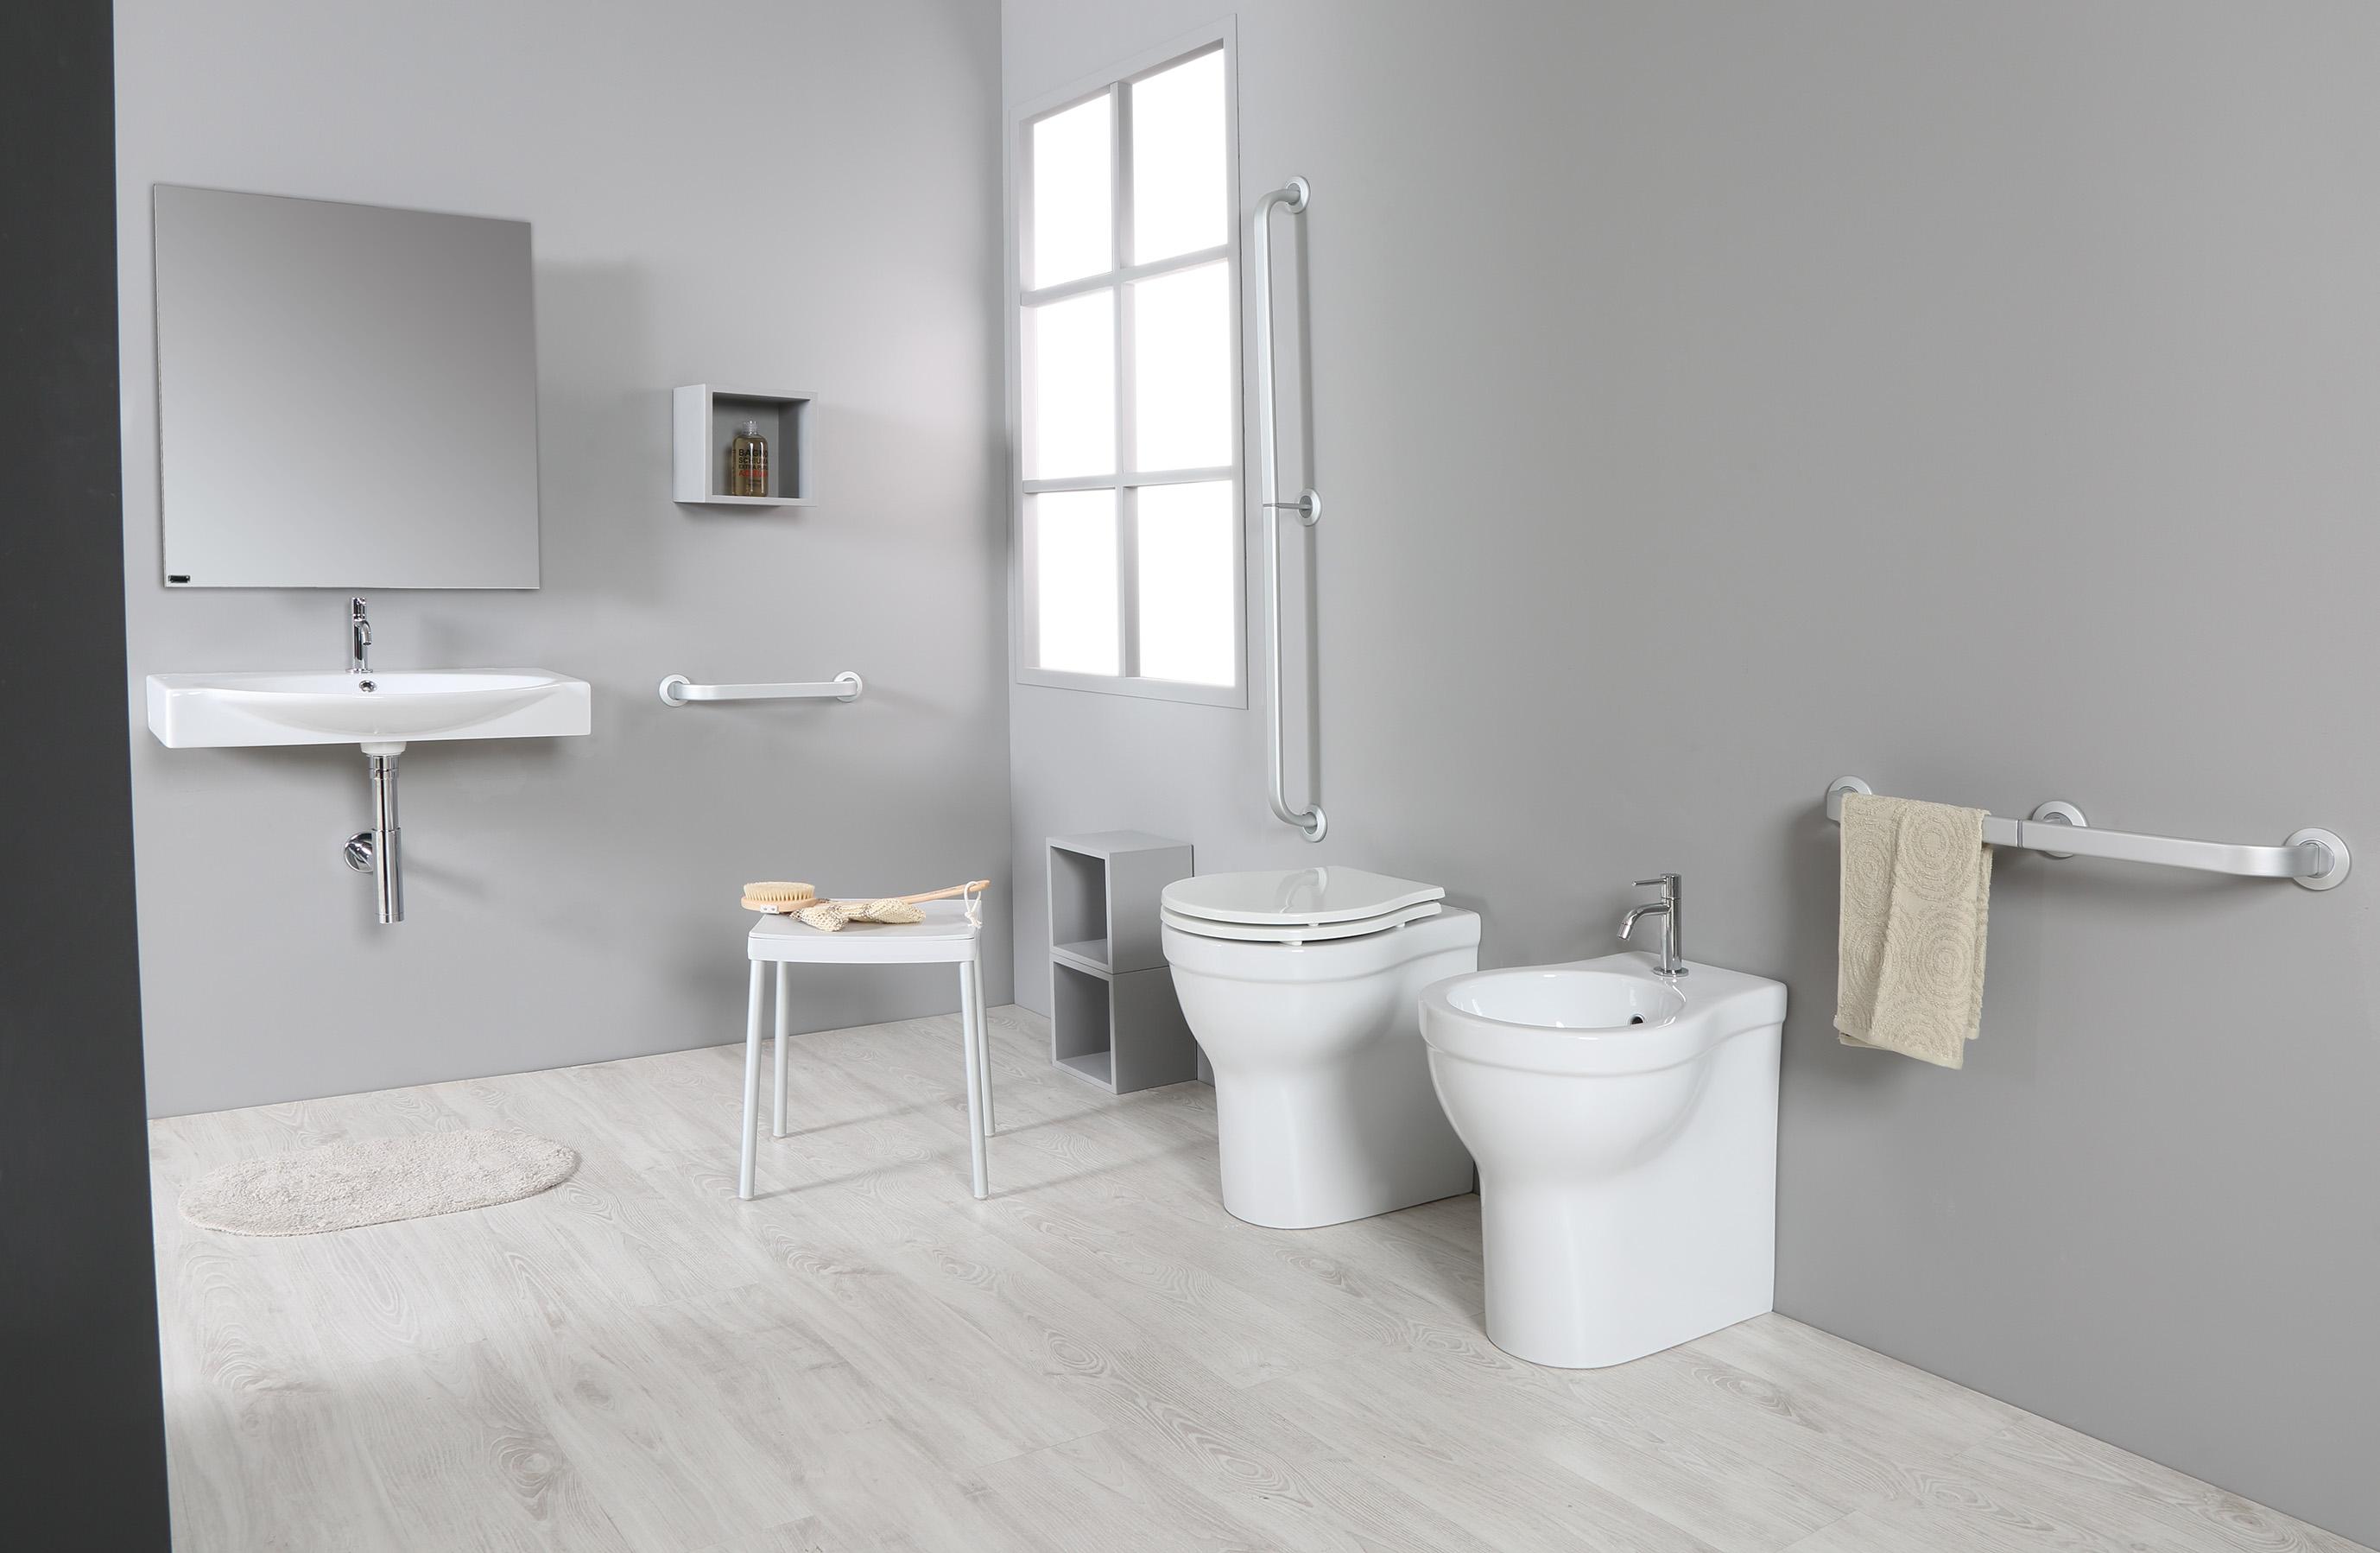 Bagno E Accessori Rivista.Sanitari E Accessori Per Bagno A Misura Di Anziano Linea Easylife